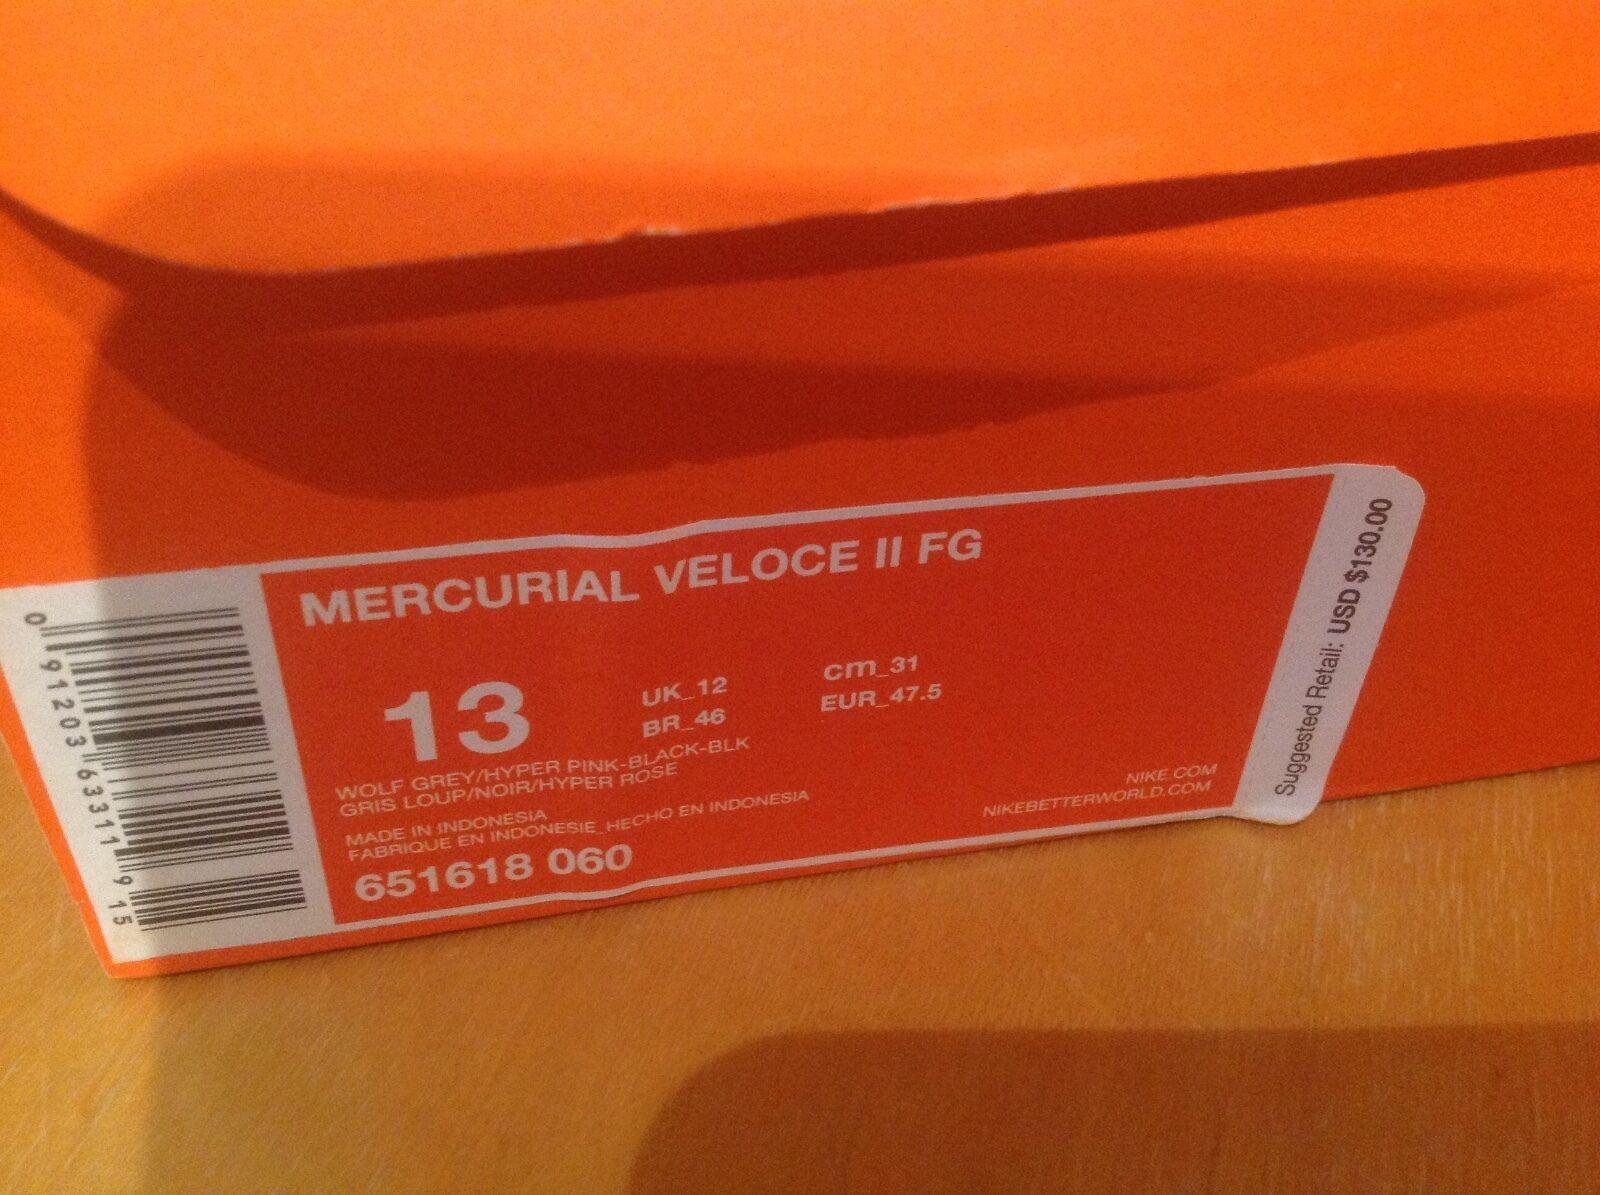 Le scarpe 13 nike picchi noi dimensioni 13 scarpe volubile veloce ii fg in box 130 dollari al minuto 90052f